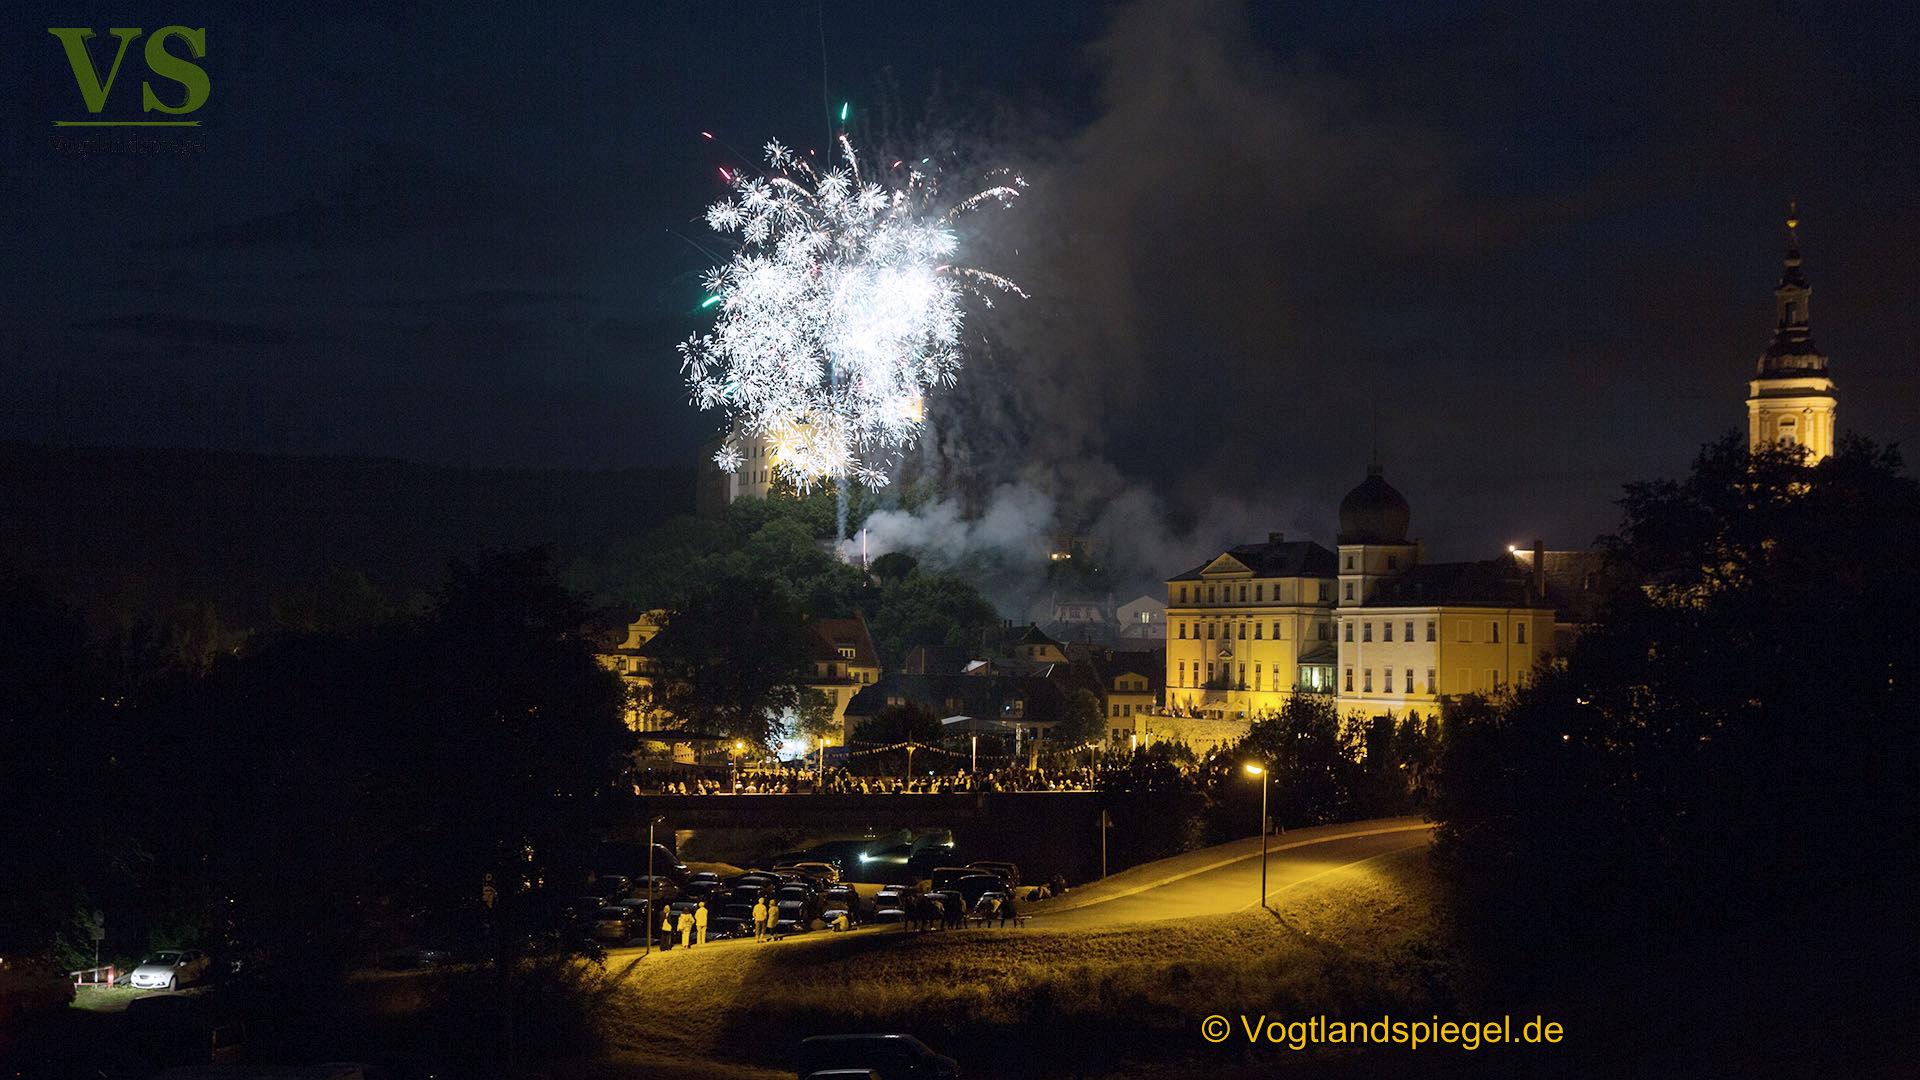 Abschlussfeuerwerk des 25. Greizer Park-und Schlossfestes